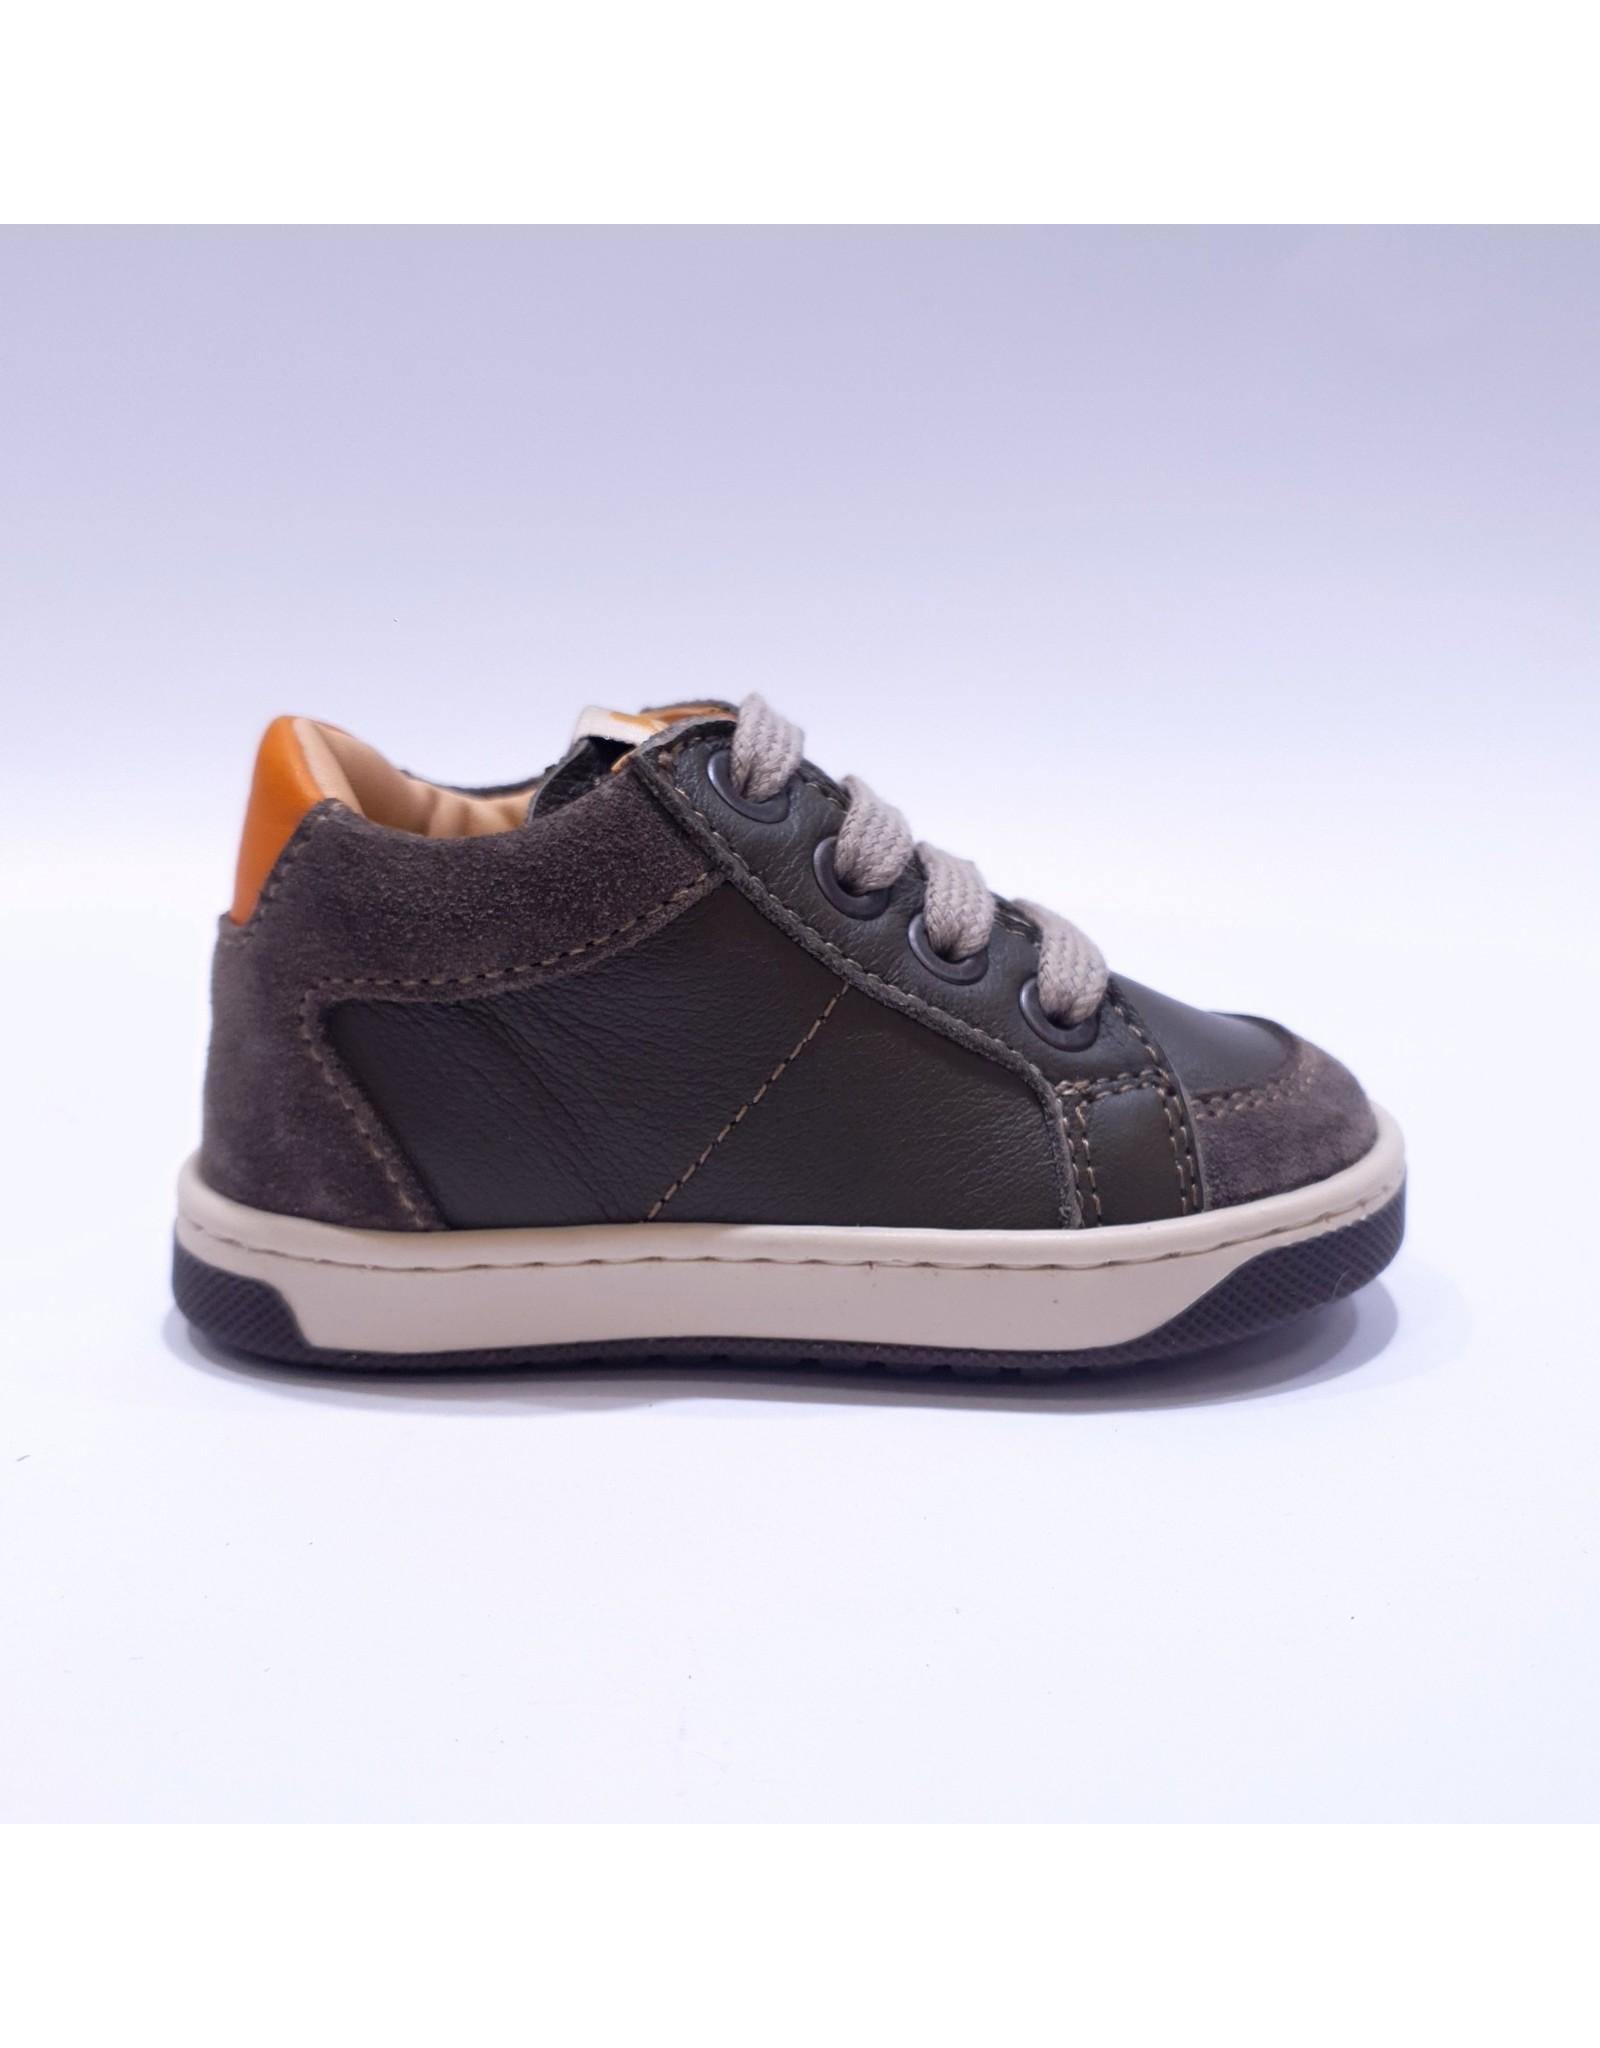 Ocra sneaker kaki leder/daim